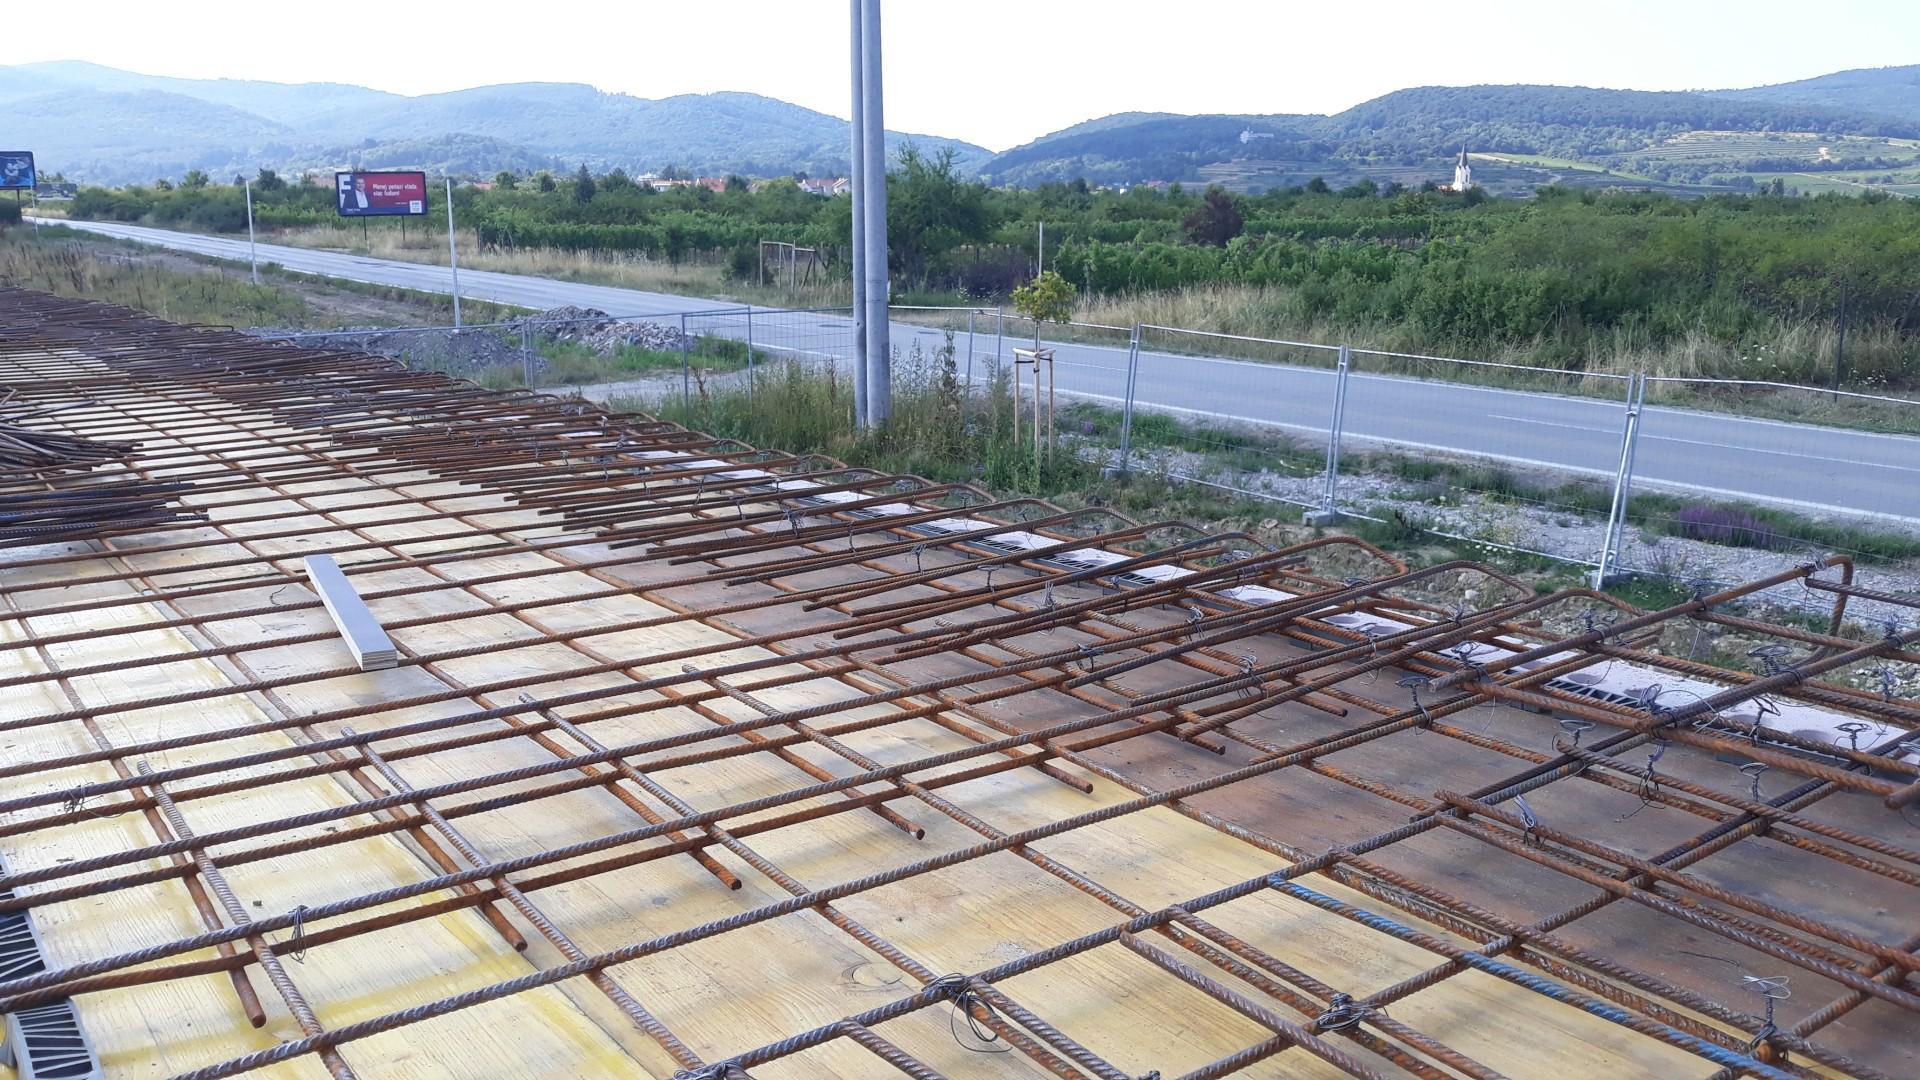 Vrchná stavba - VPC Kalksandstein murivo, zelená strecha - Celkom fajn výhľad, možno by sme si na tej budúcej zelenej streche mohli spraviť aj nejaké posedenie... :) Ešte keby tej cesty nebolo.